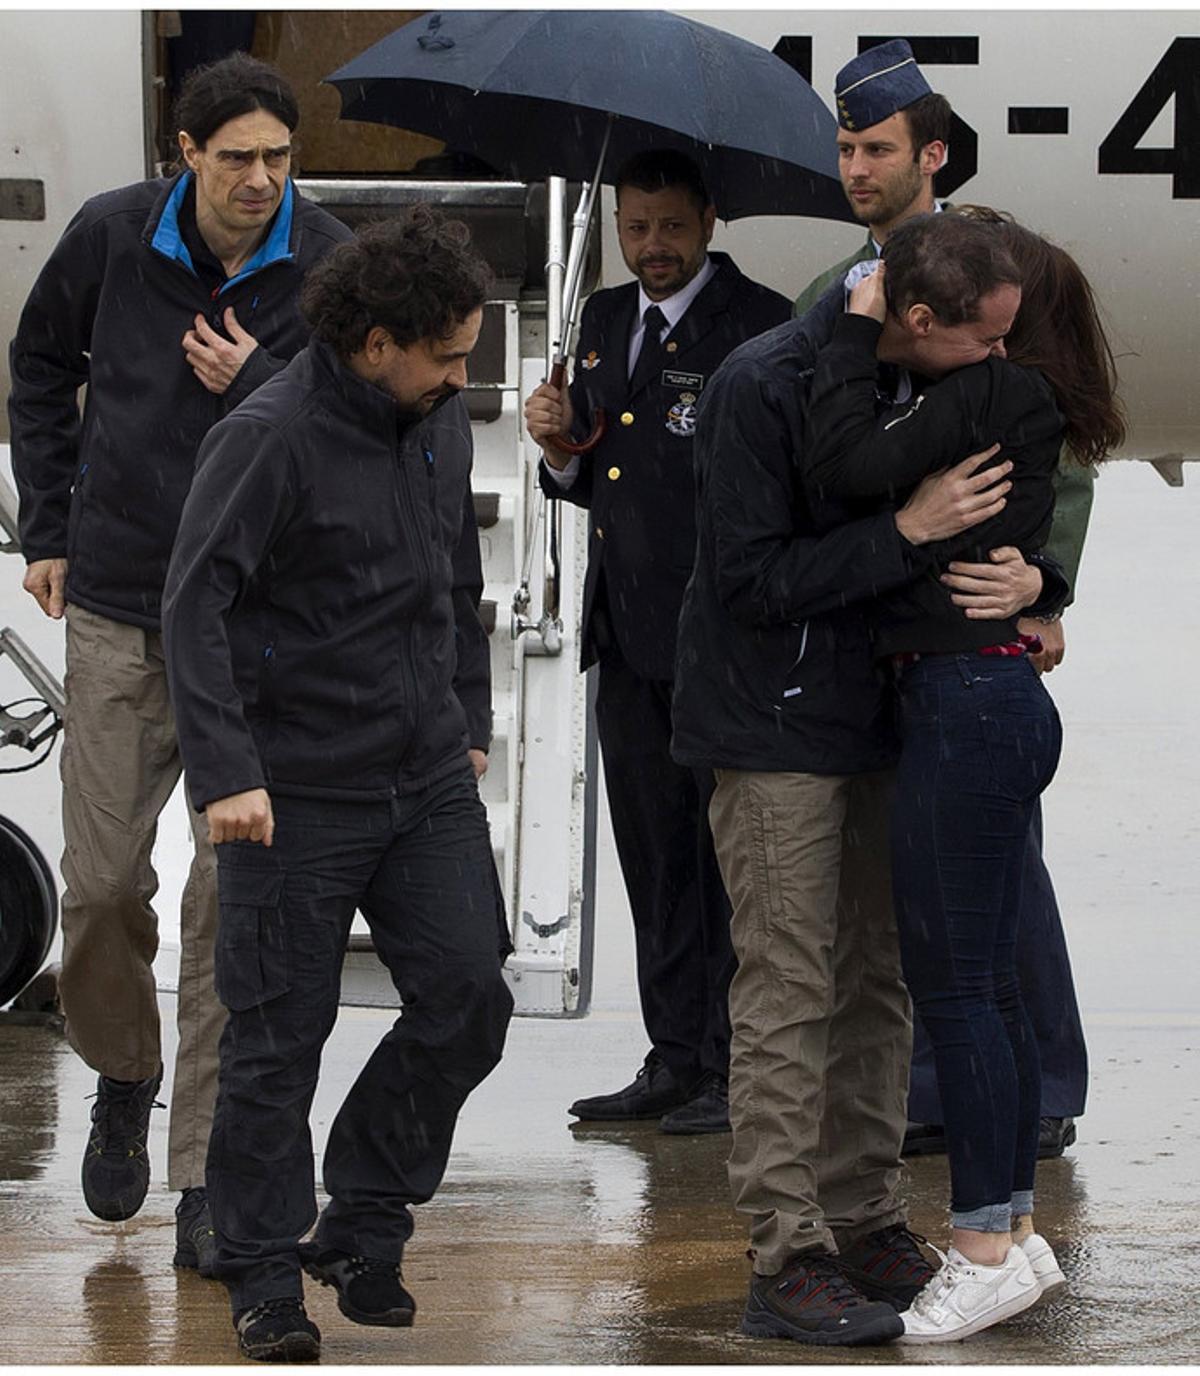 Ángel Satre, en el centro, José Manuel López, a la izquierda, y Antonio Pampliega, a la derecha, abrazado a un familiar.